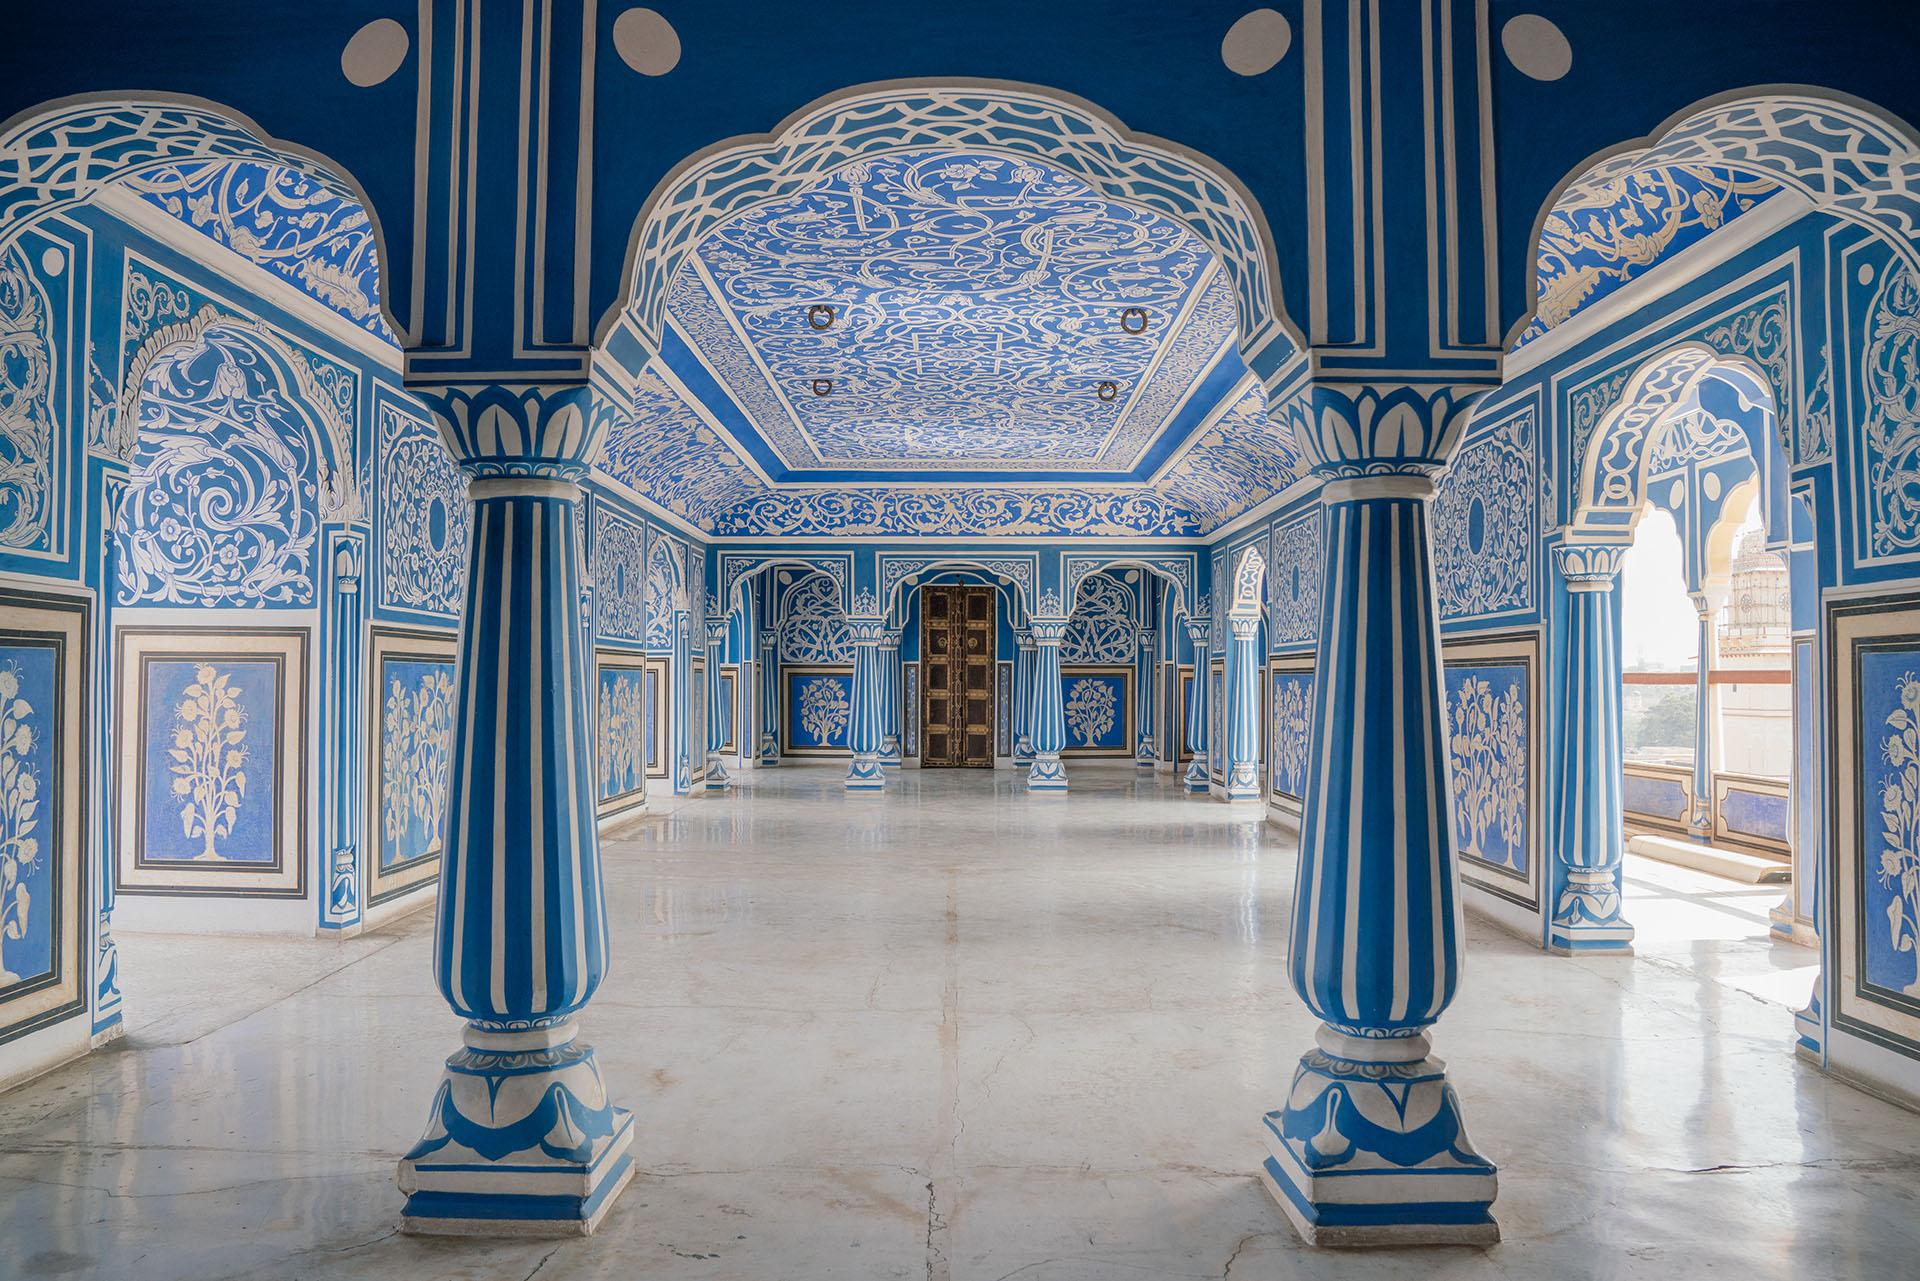 La arquitectura del palacio supone una mezcla de la arquitectura tradicional de Rajastán con la arquitectura mongol, recordándonos así el pasado glorioso del lugar